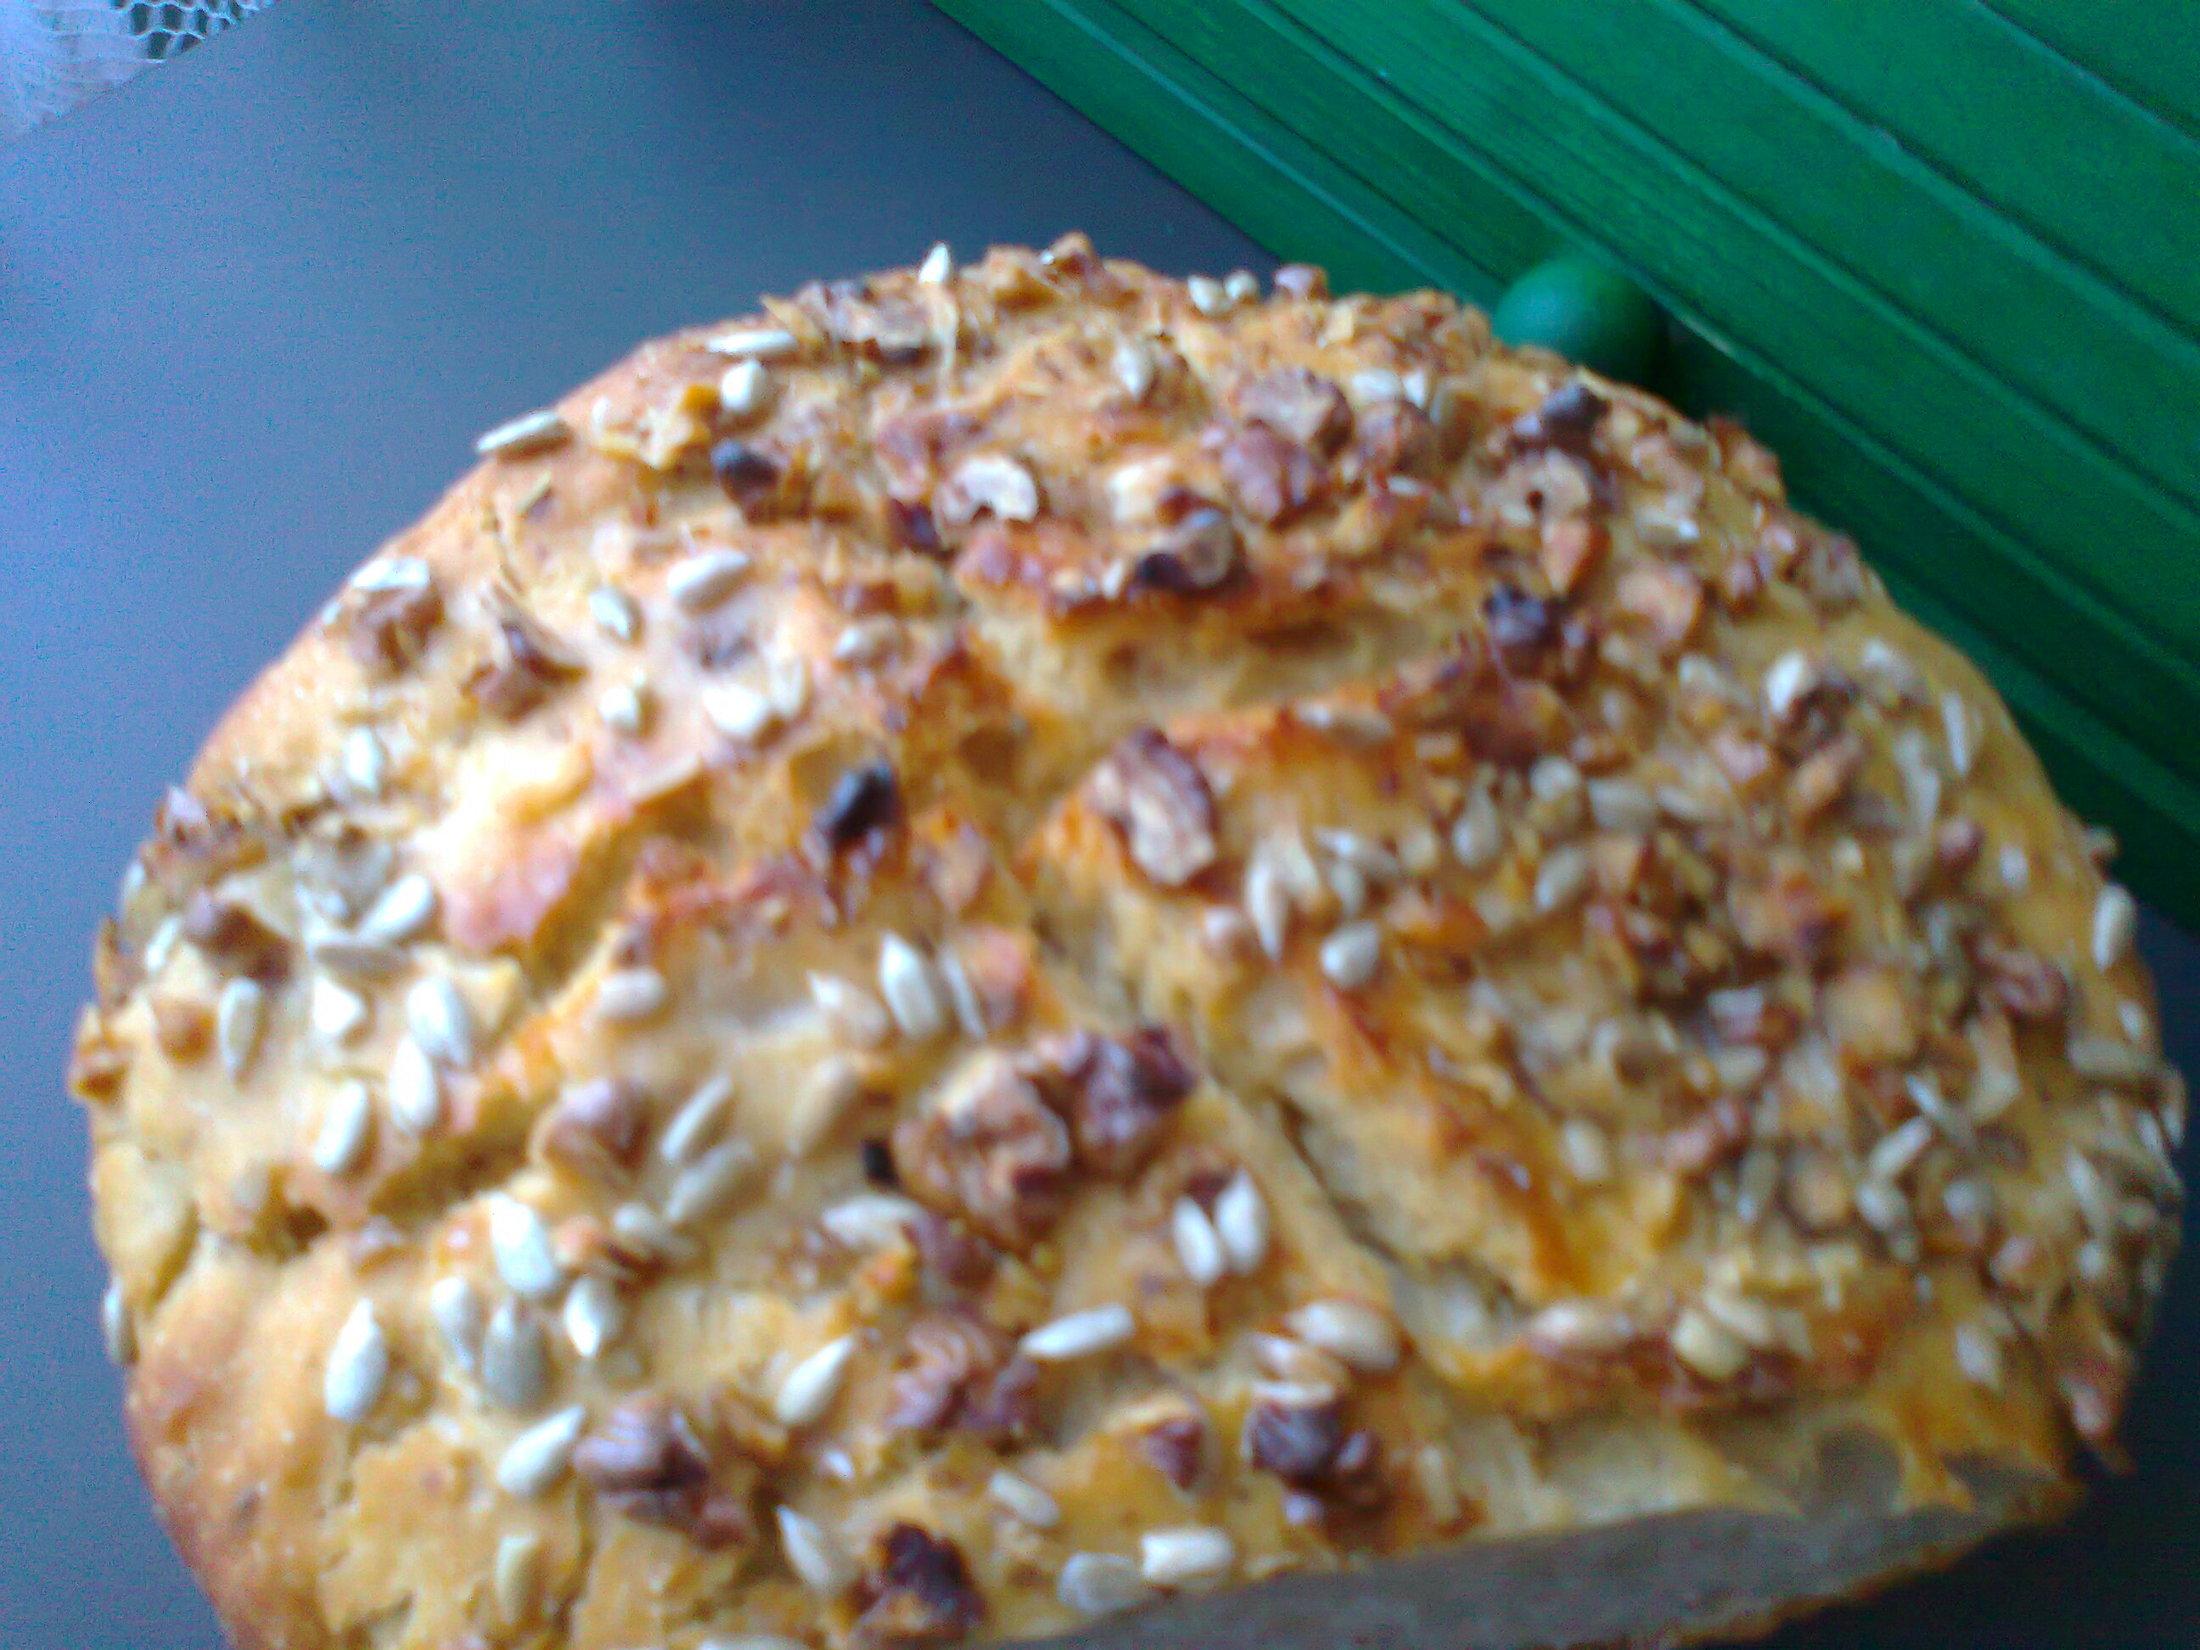 Recept Podmáslový chléb s ořechy - Chléb s podmáslím posypaný ořechy a slunečnicovými semínky